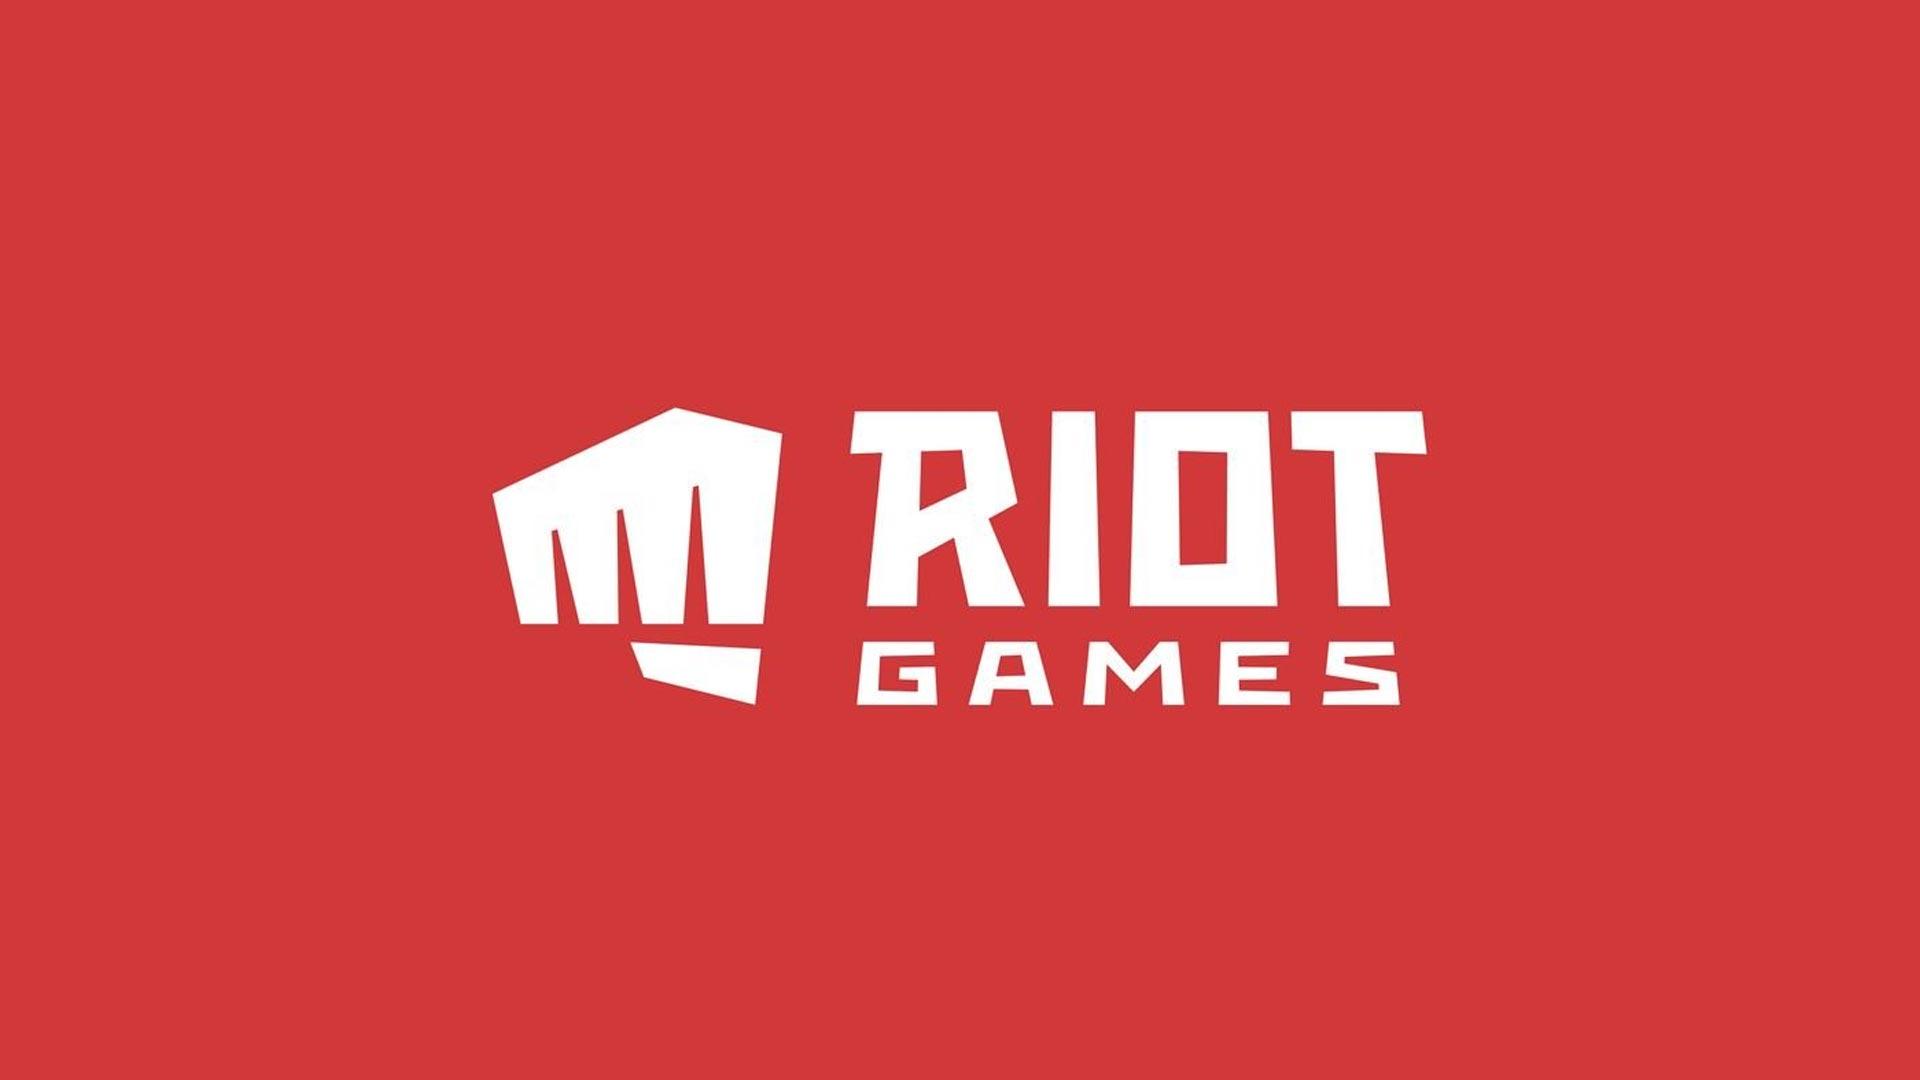 ต่อยแน่นอน! Riot Games เจ้าของ LoL ซุ่มทำเกมใหม่ แนว Fighting